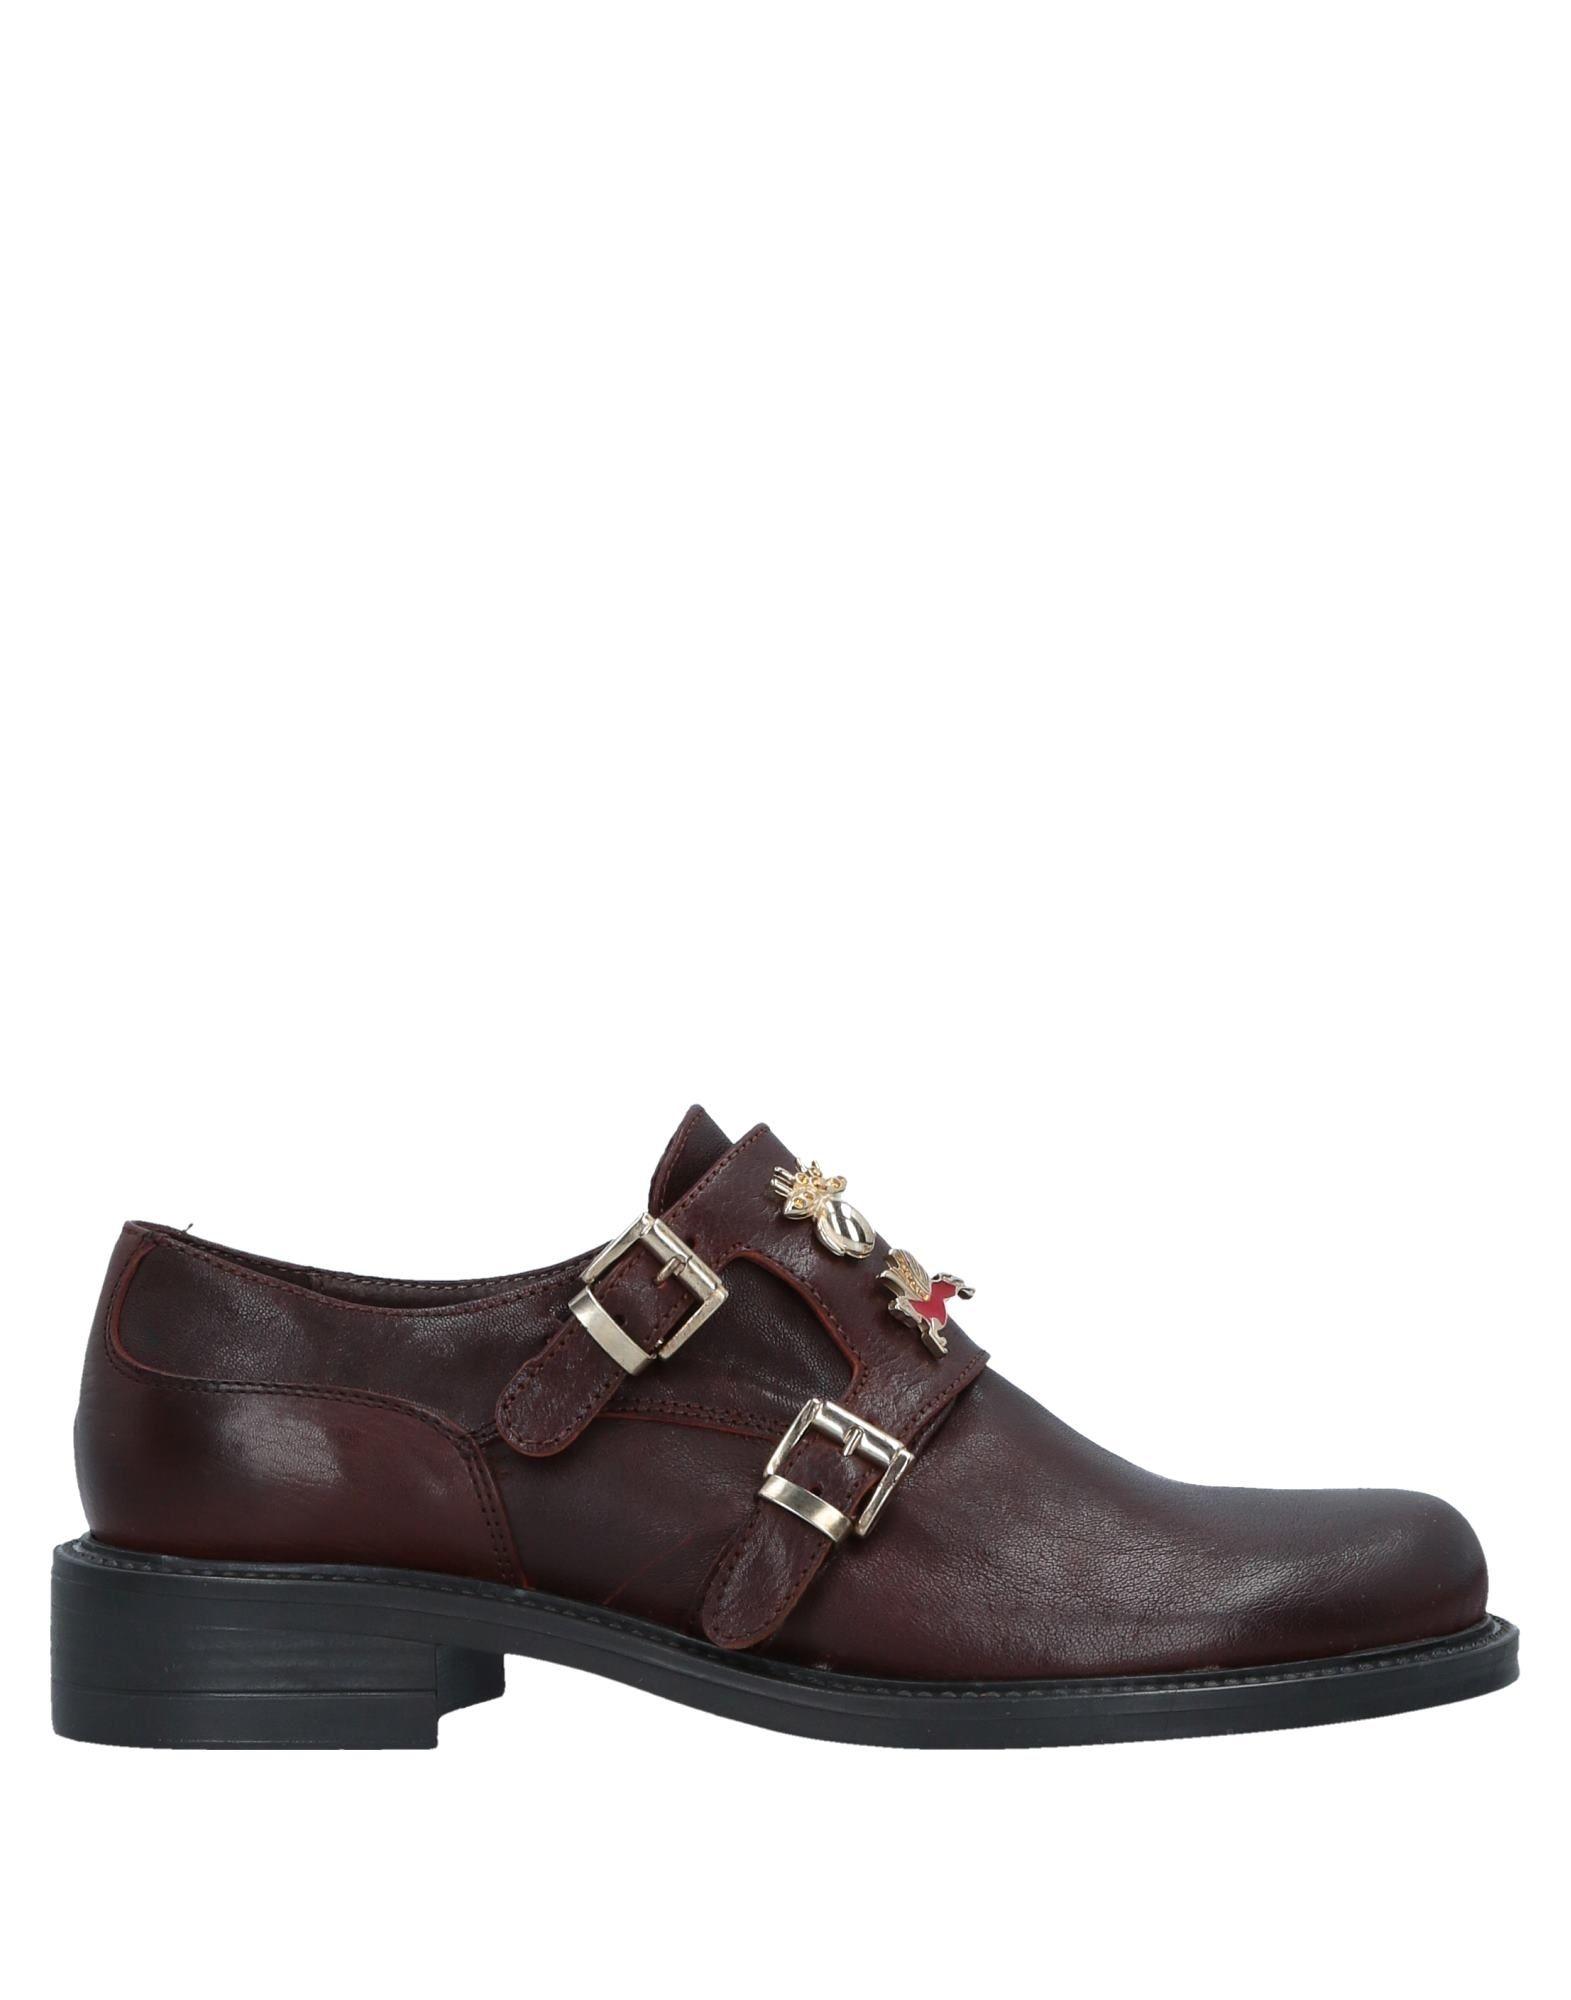 Donna Più Mokassins Qualität Damen  11528061DP Gute Qualität Mokassins beliebte Schuhe ae3009